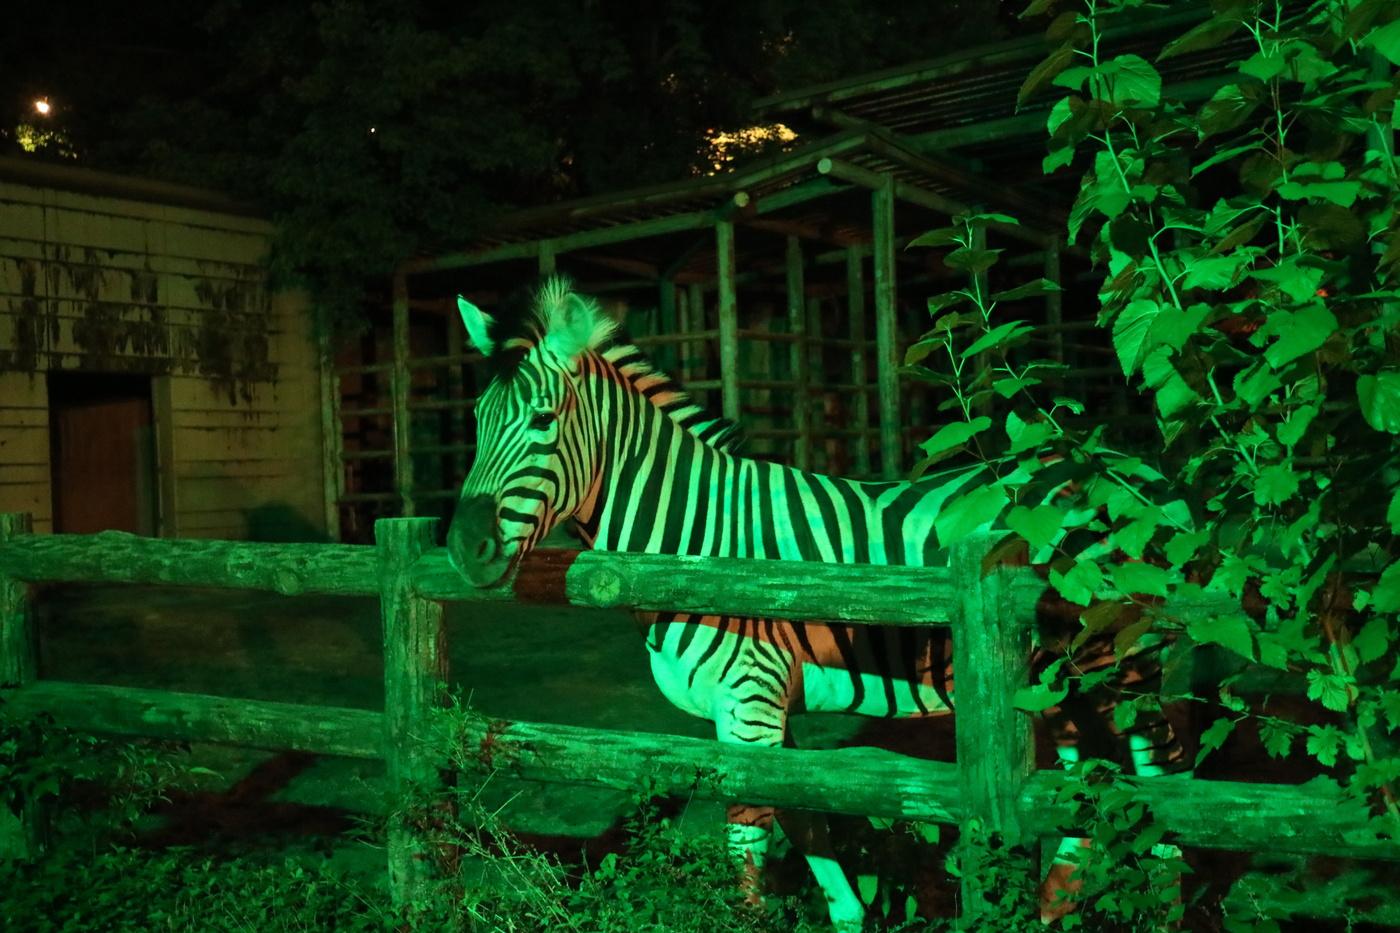 どうぶつ達の本当の姿が見れるかも!?「東山動植物園ナイトZOO&GARDEN」 - Unknown